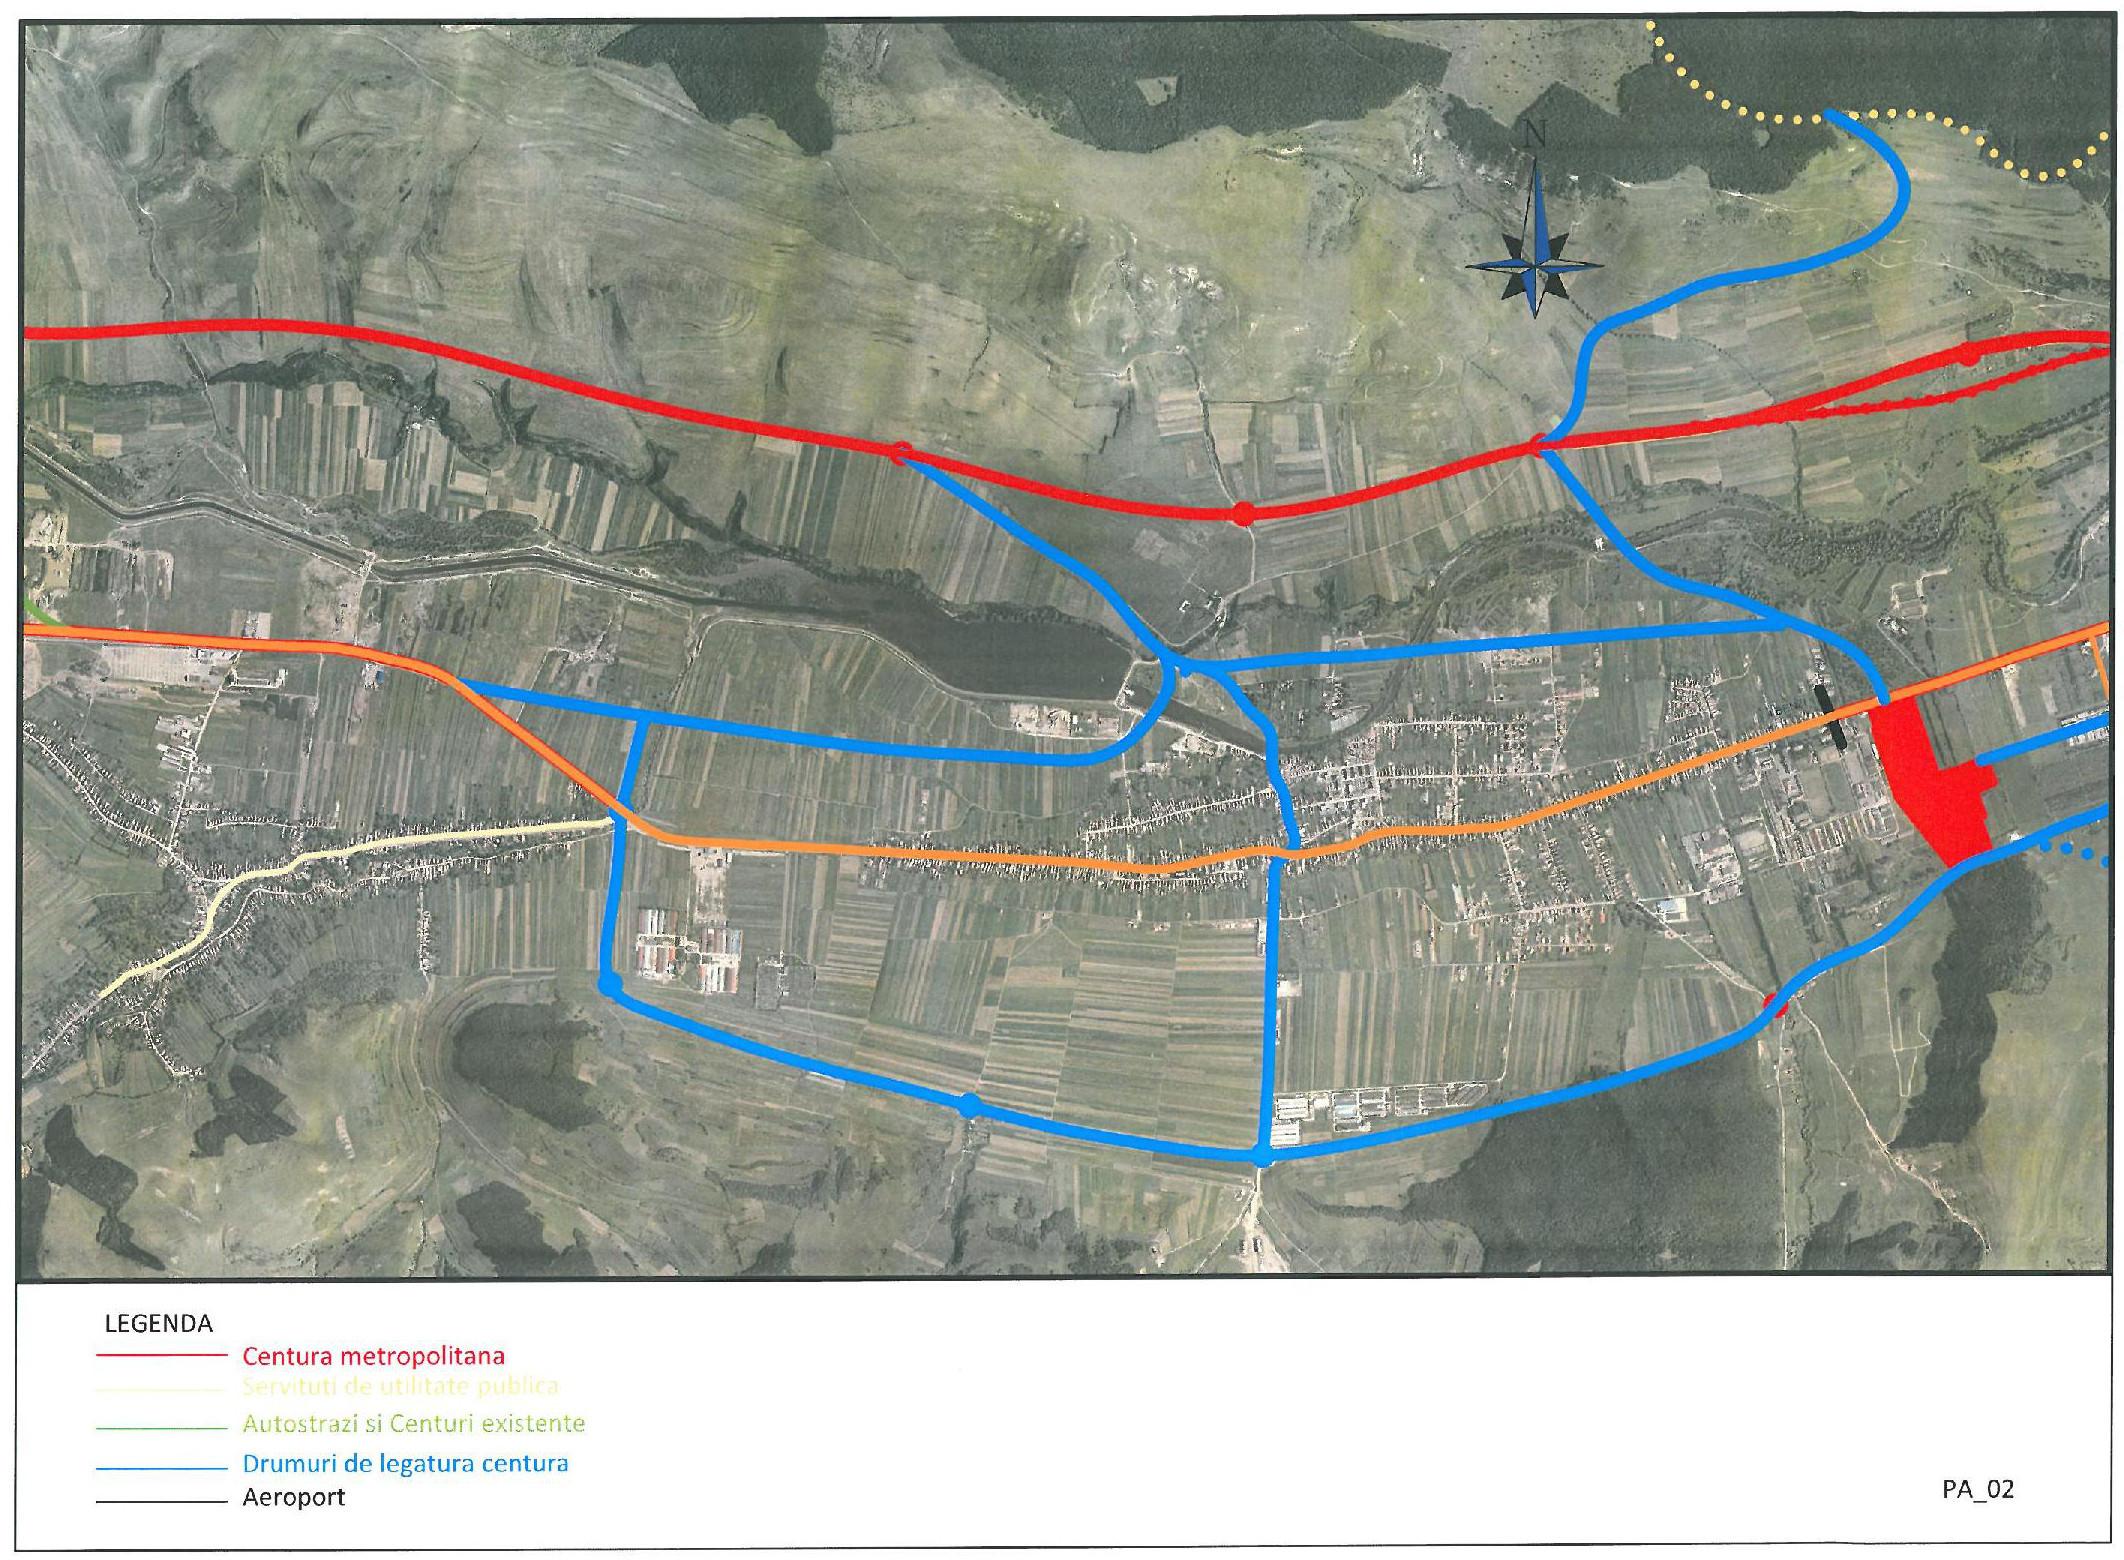 Centura Metropolitana Cluj I Descriere Traseu Pre Sf Pmud